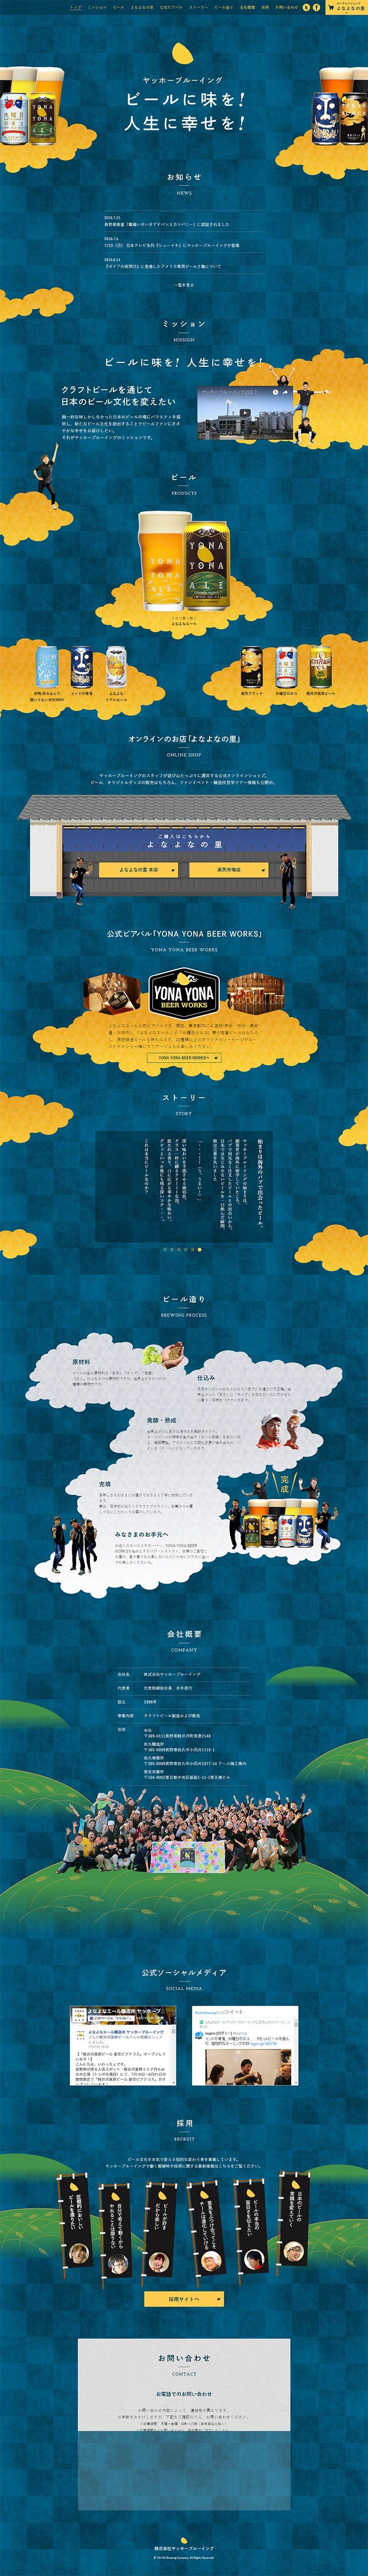 よなよなエール醸造所【飲料・お酒関連】のLPデザイン。WEBデザイナーさん必見!ランディングページのデザイン参考に(アート・芸術系)